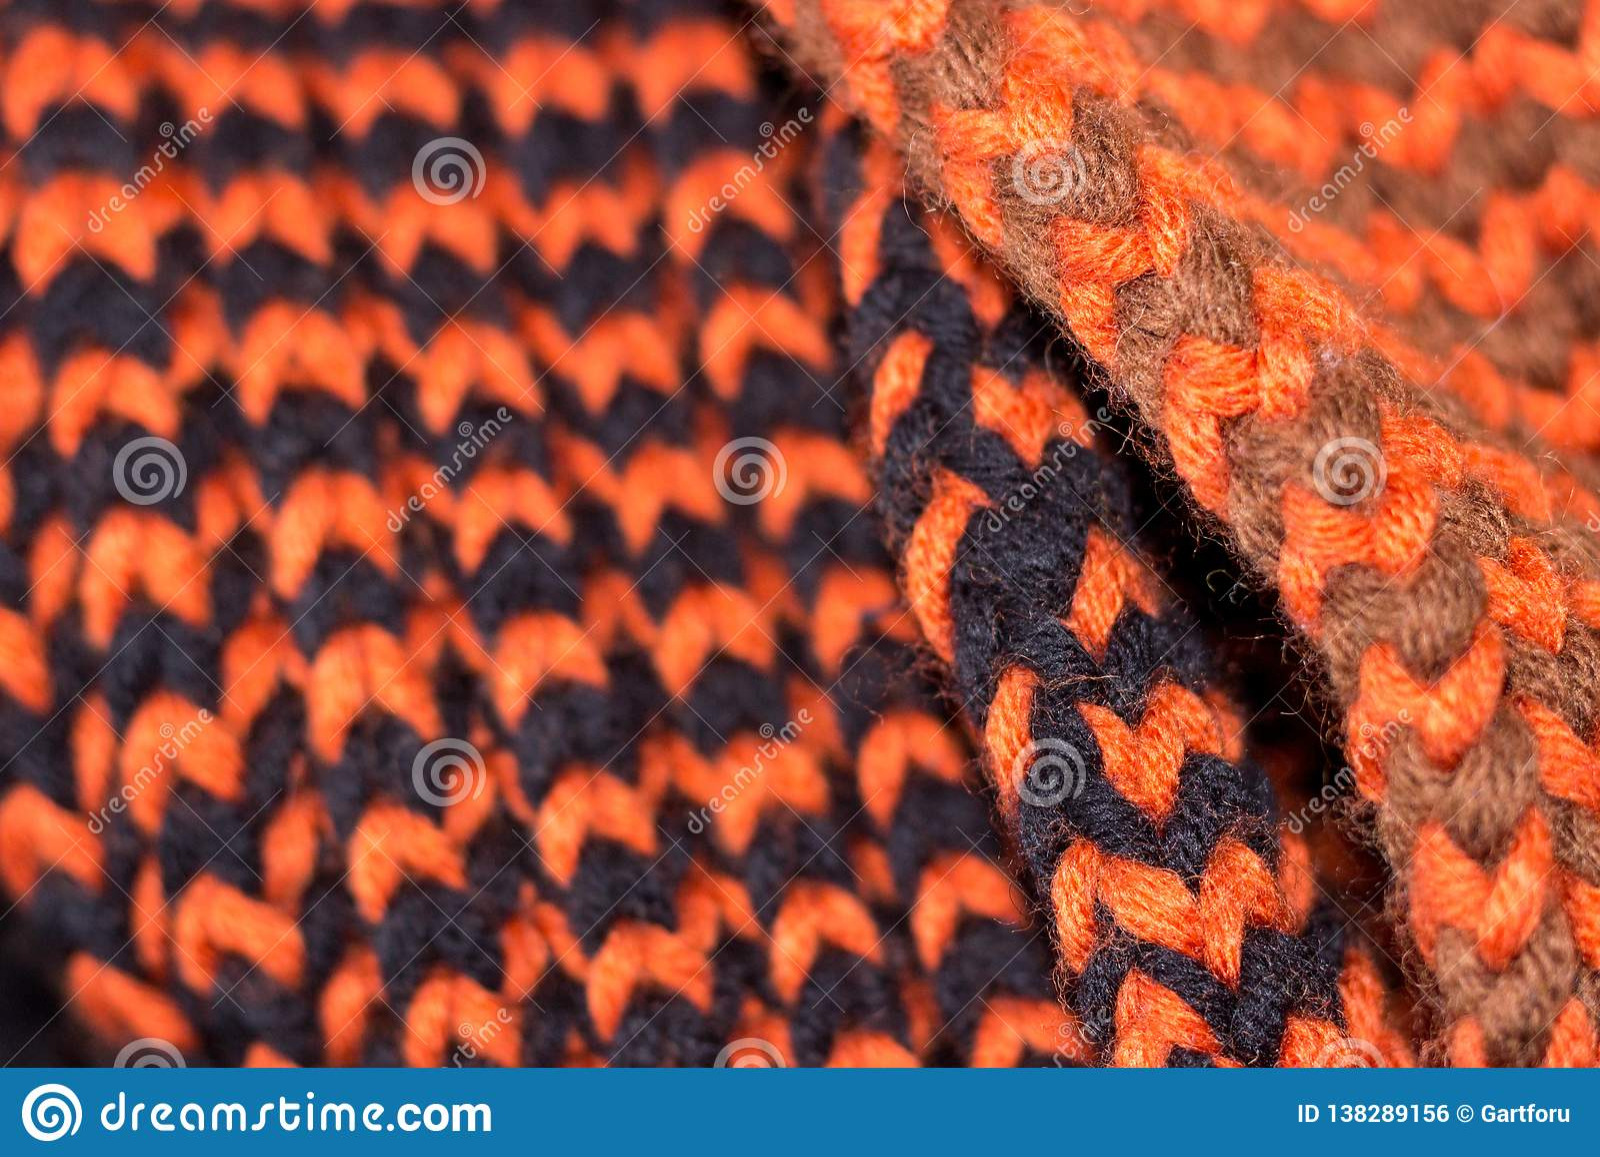 Confecção de malhas Textura feita malha fundo Agulhas de confecção de malhas brilhantes Fio de lãs alaranjado e preto para fazer